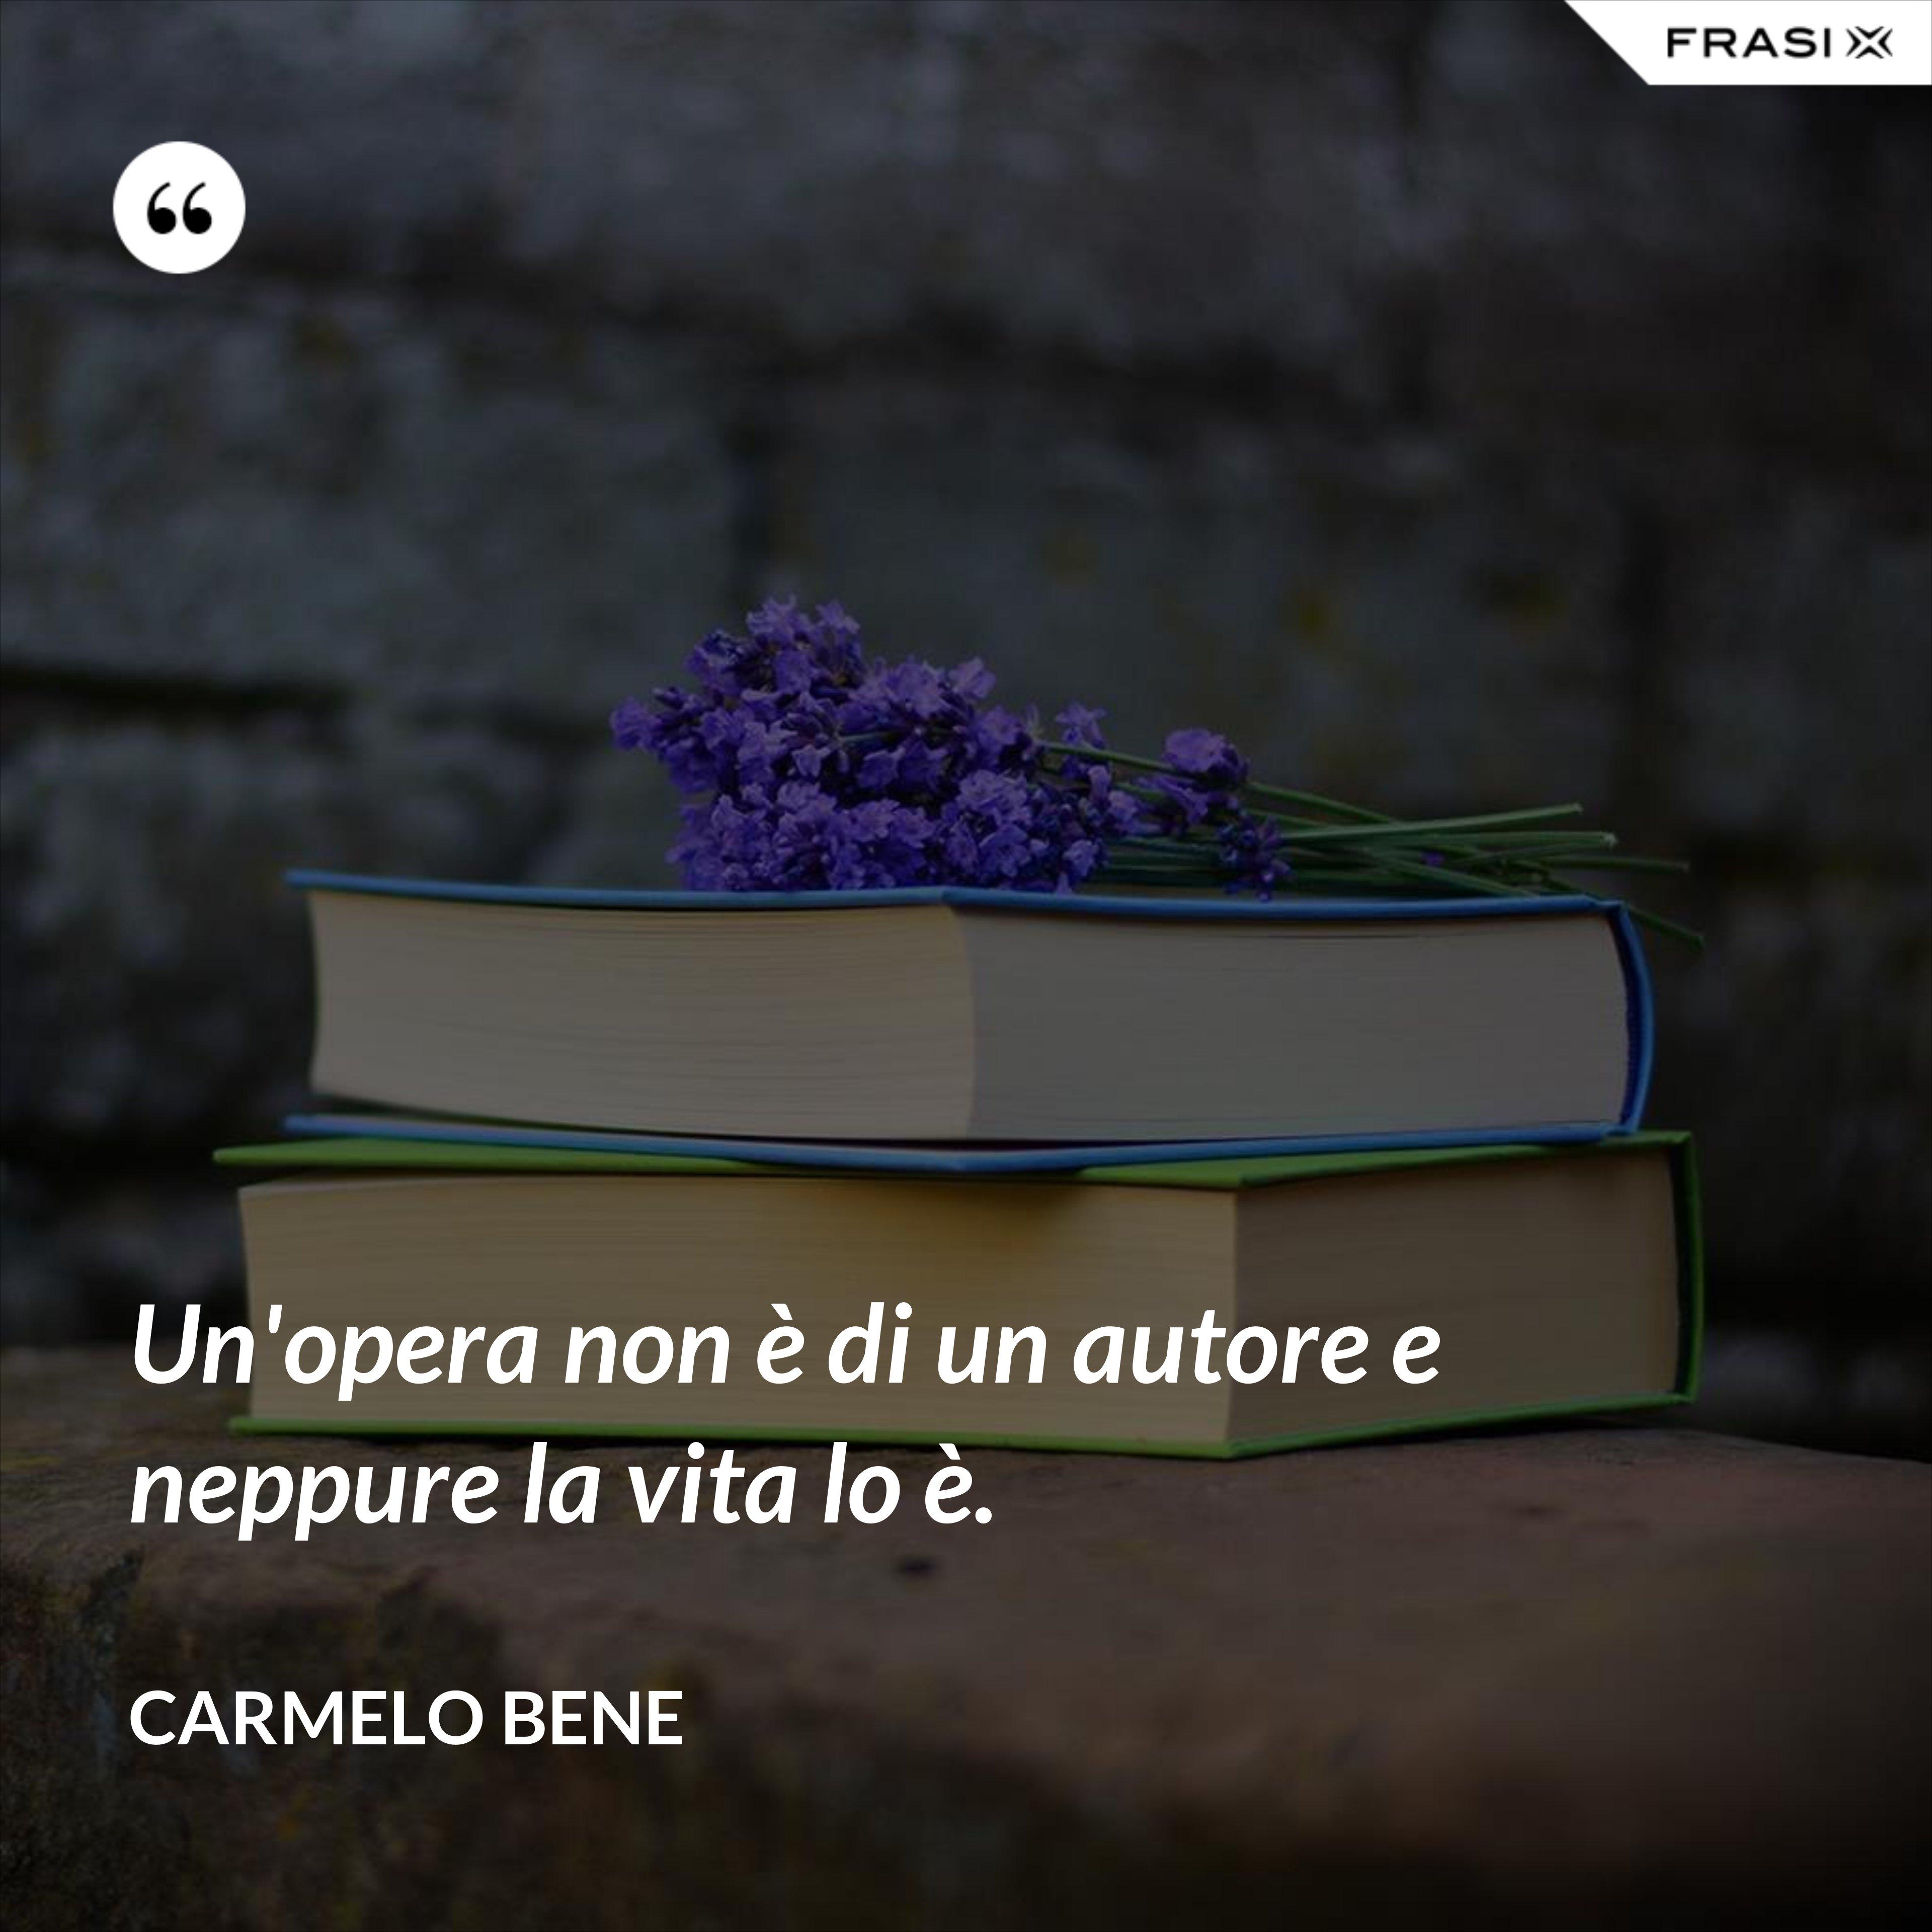 Un'opera non è di un autore e neppure la vita lo è. - Carmelo Bene